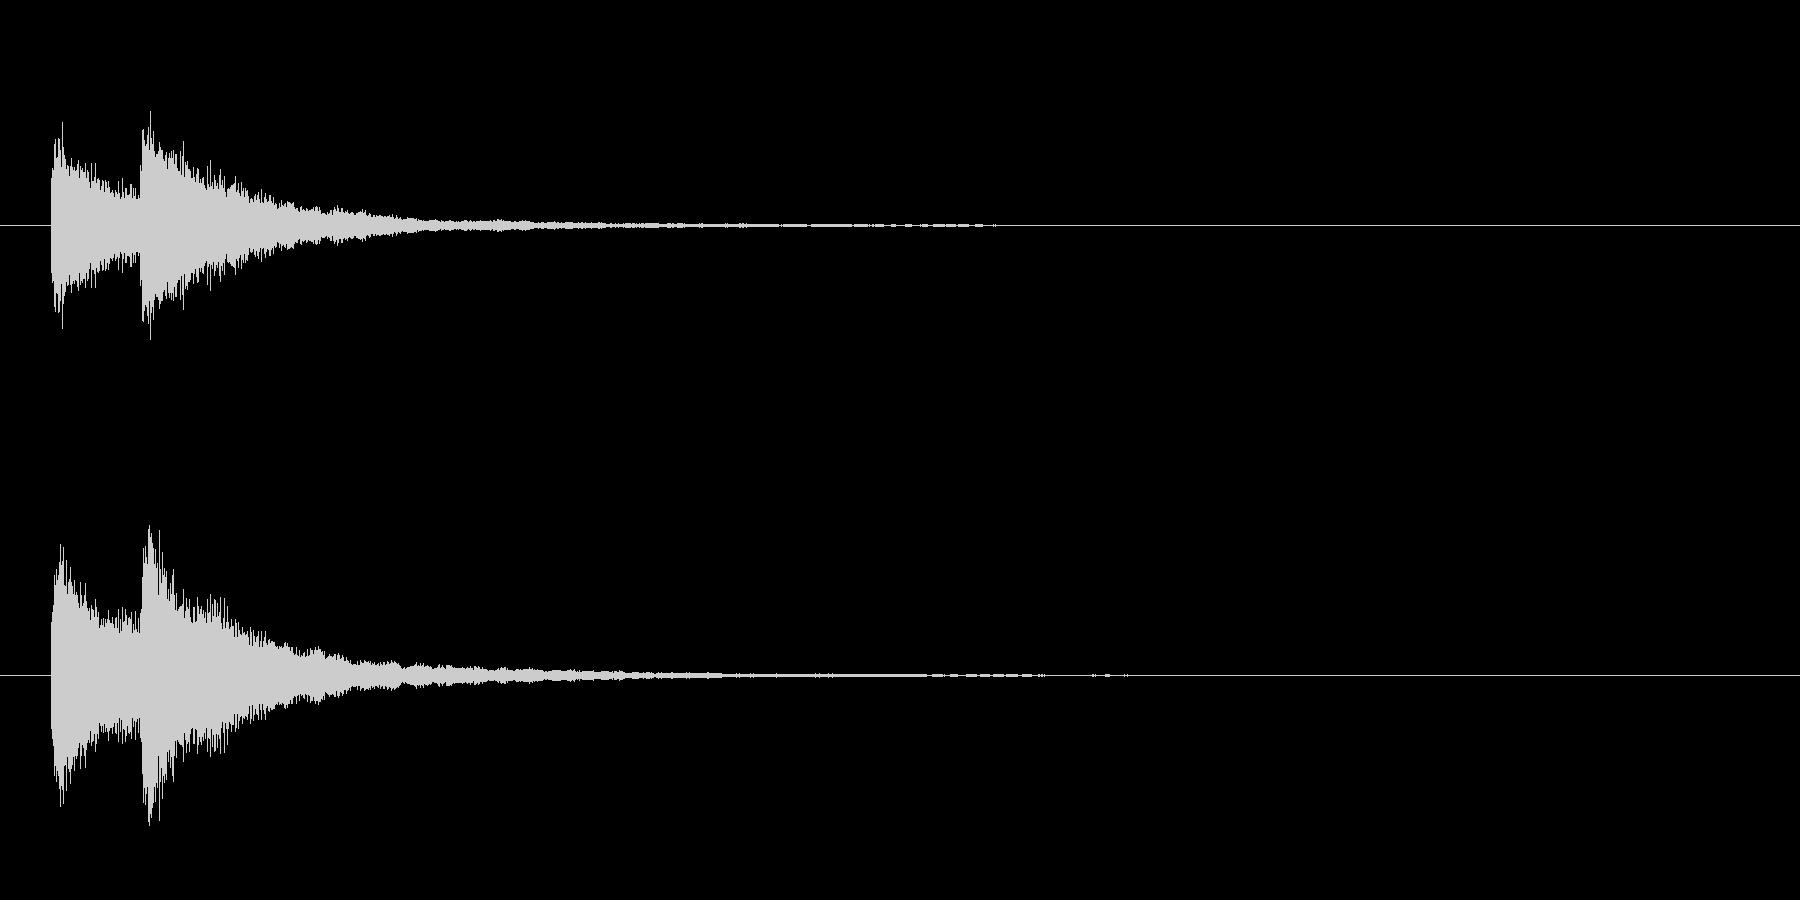 歌舞伎の吊るし鉦 双盤の単発音+Fxの未再生の波形